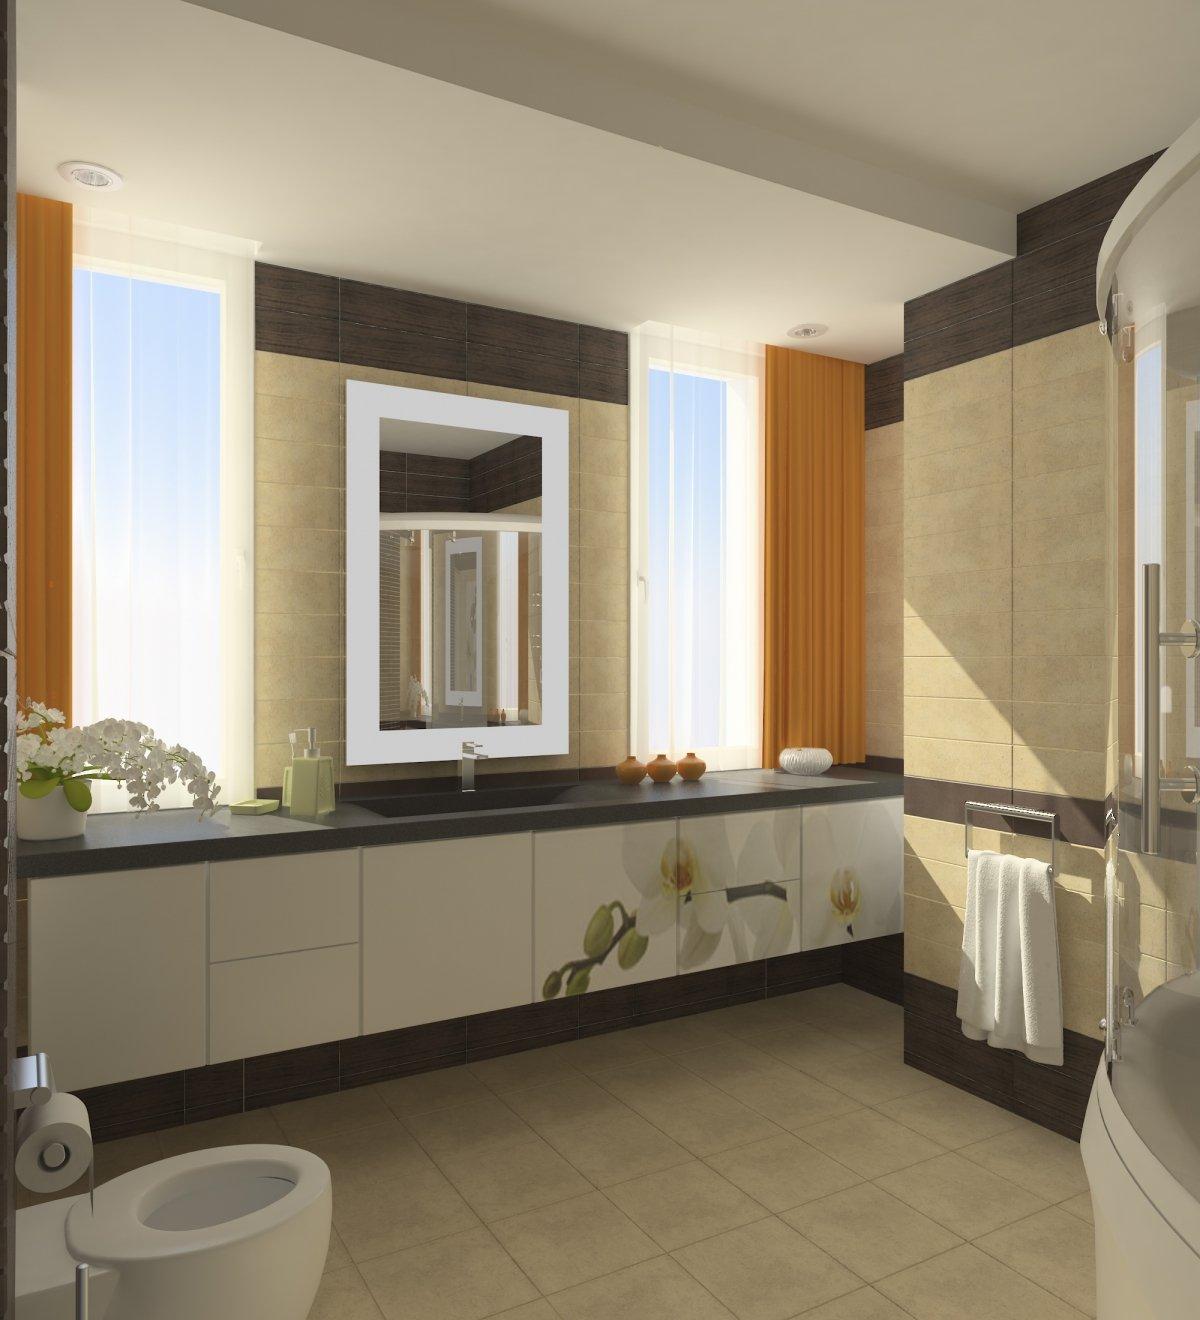 Casa-Pentru-Suflet-Amenajare-Interioara-Locuinta-35